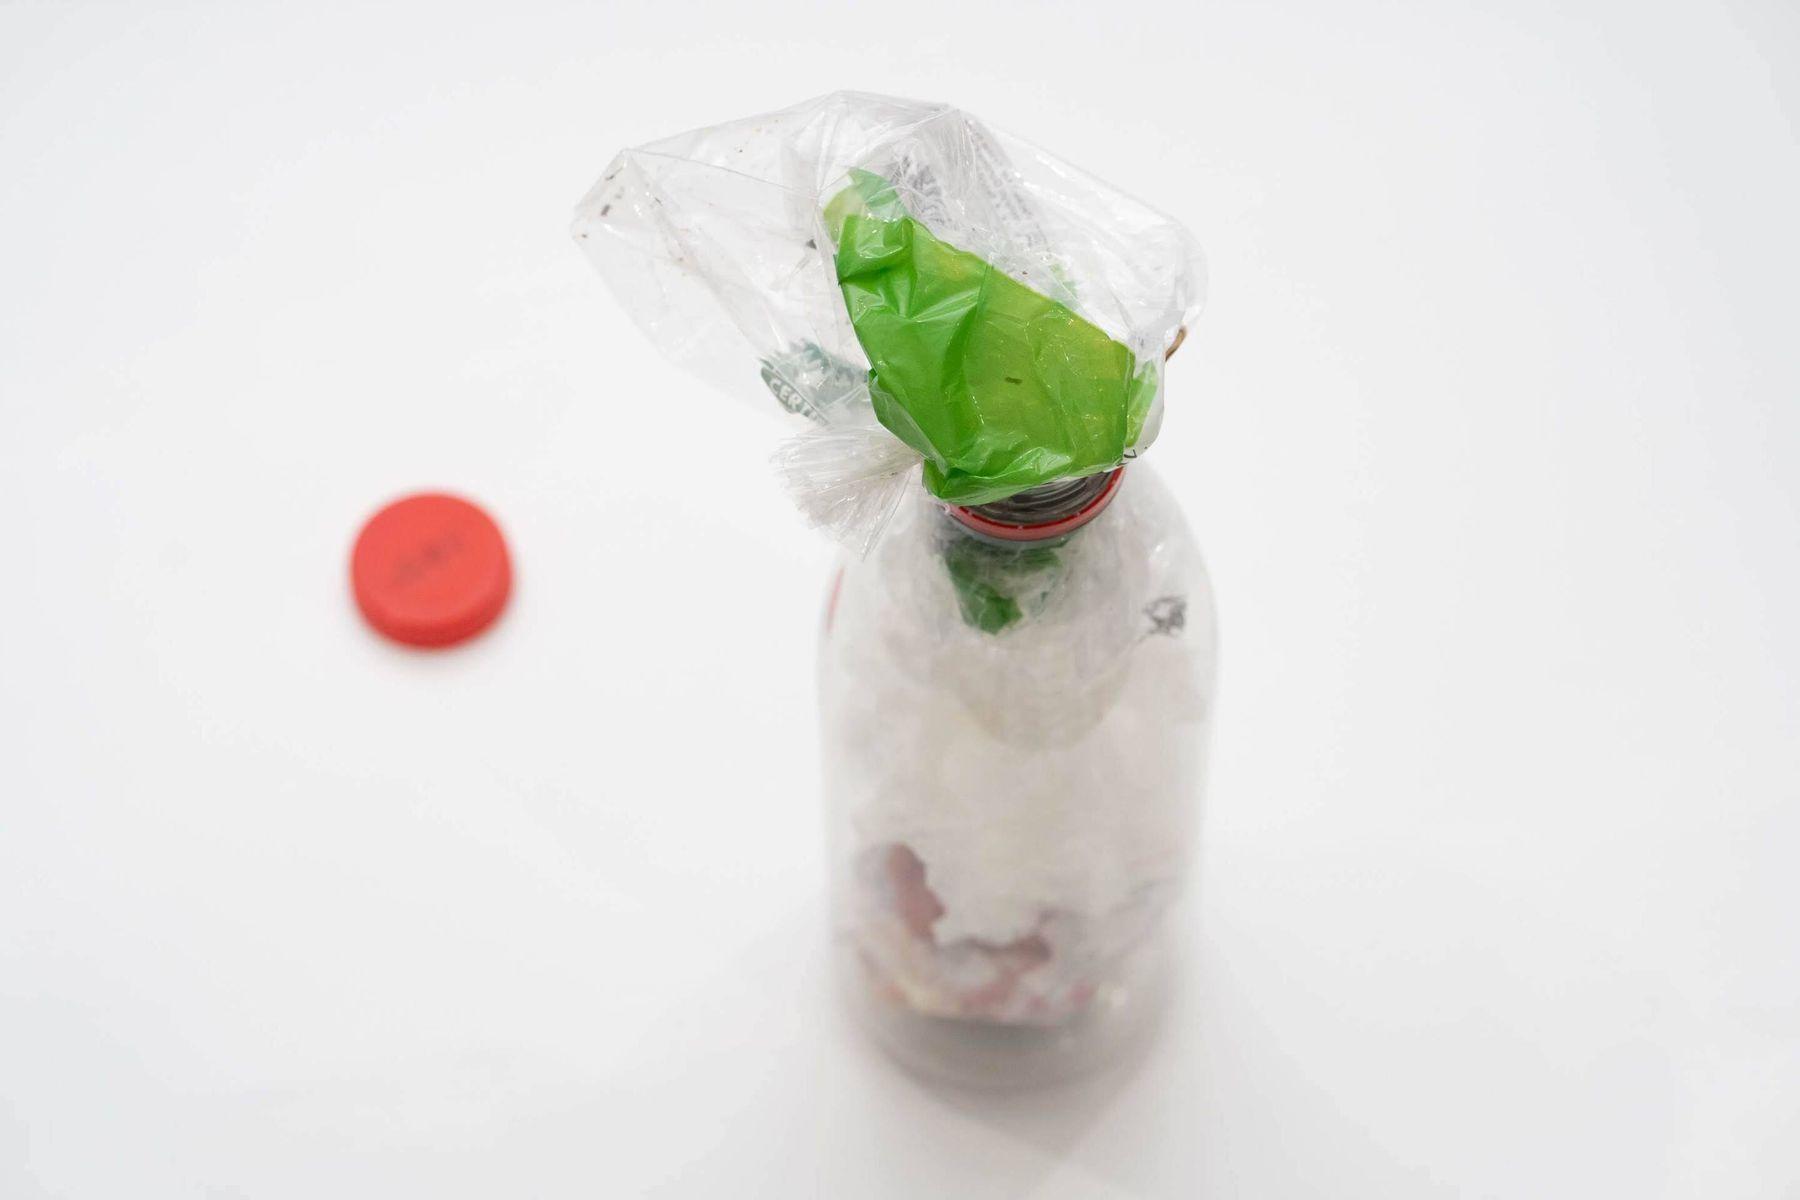 Dùng túi ni lông tái chế có ảnh hưởng sức khỏe?